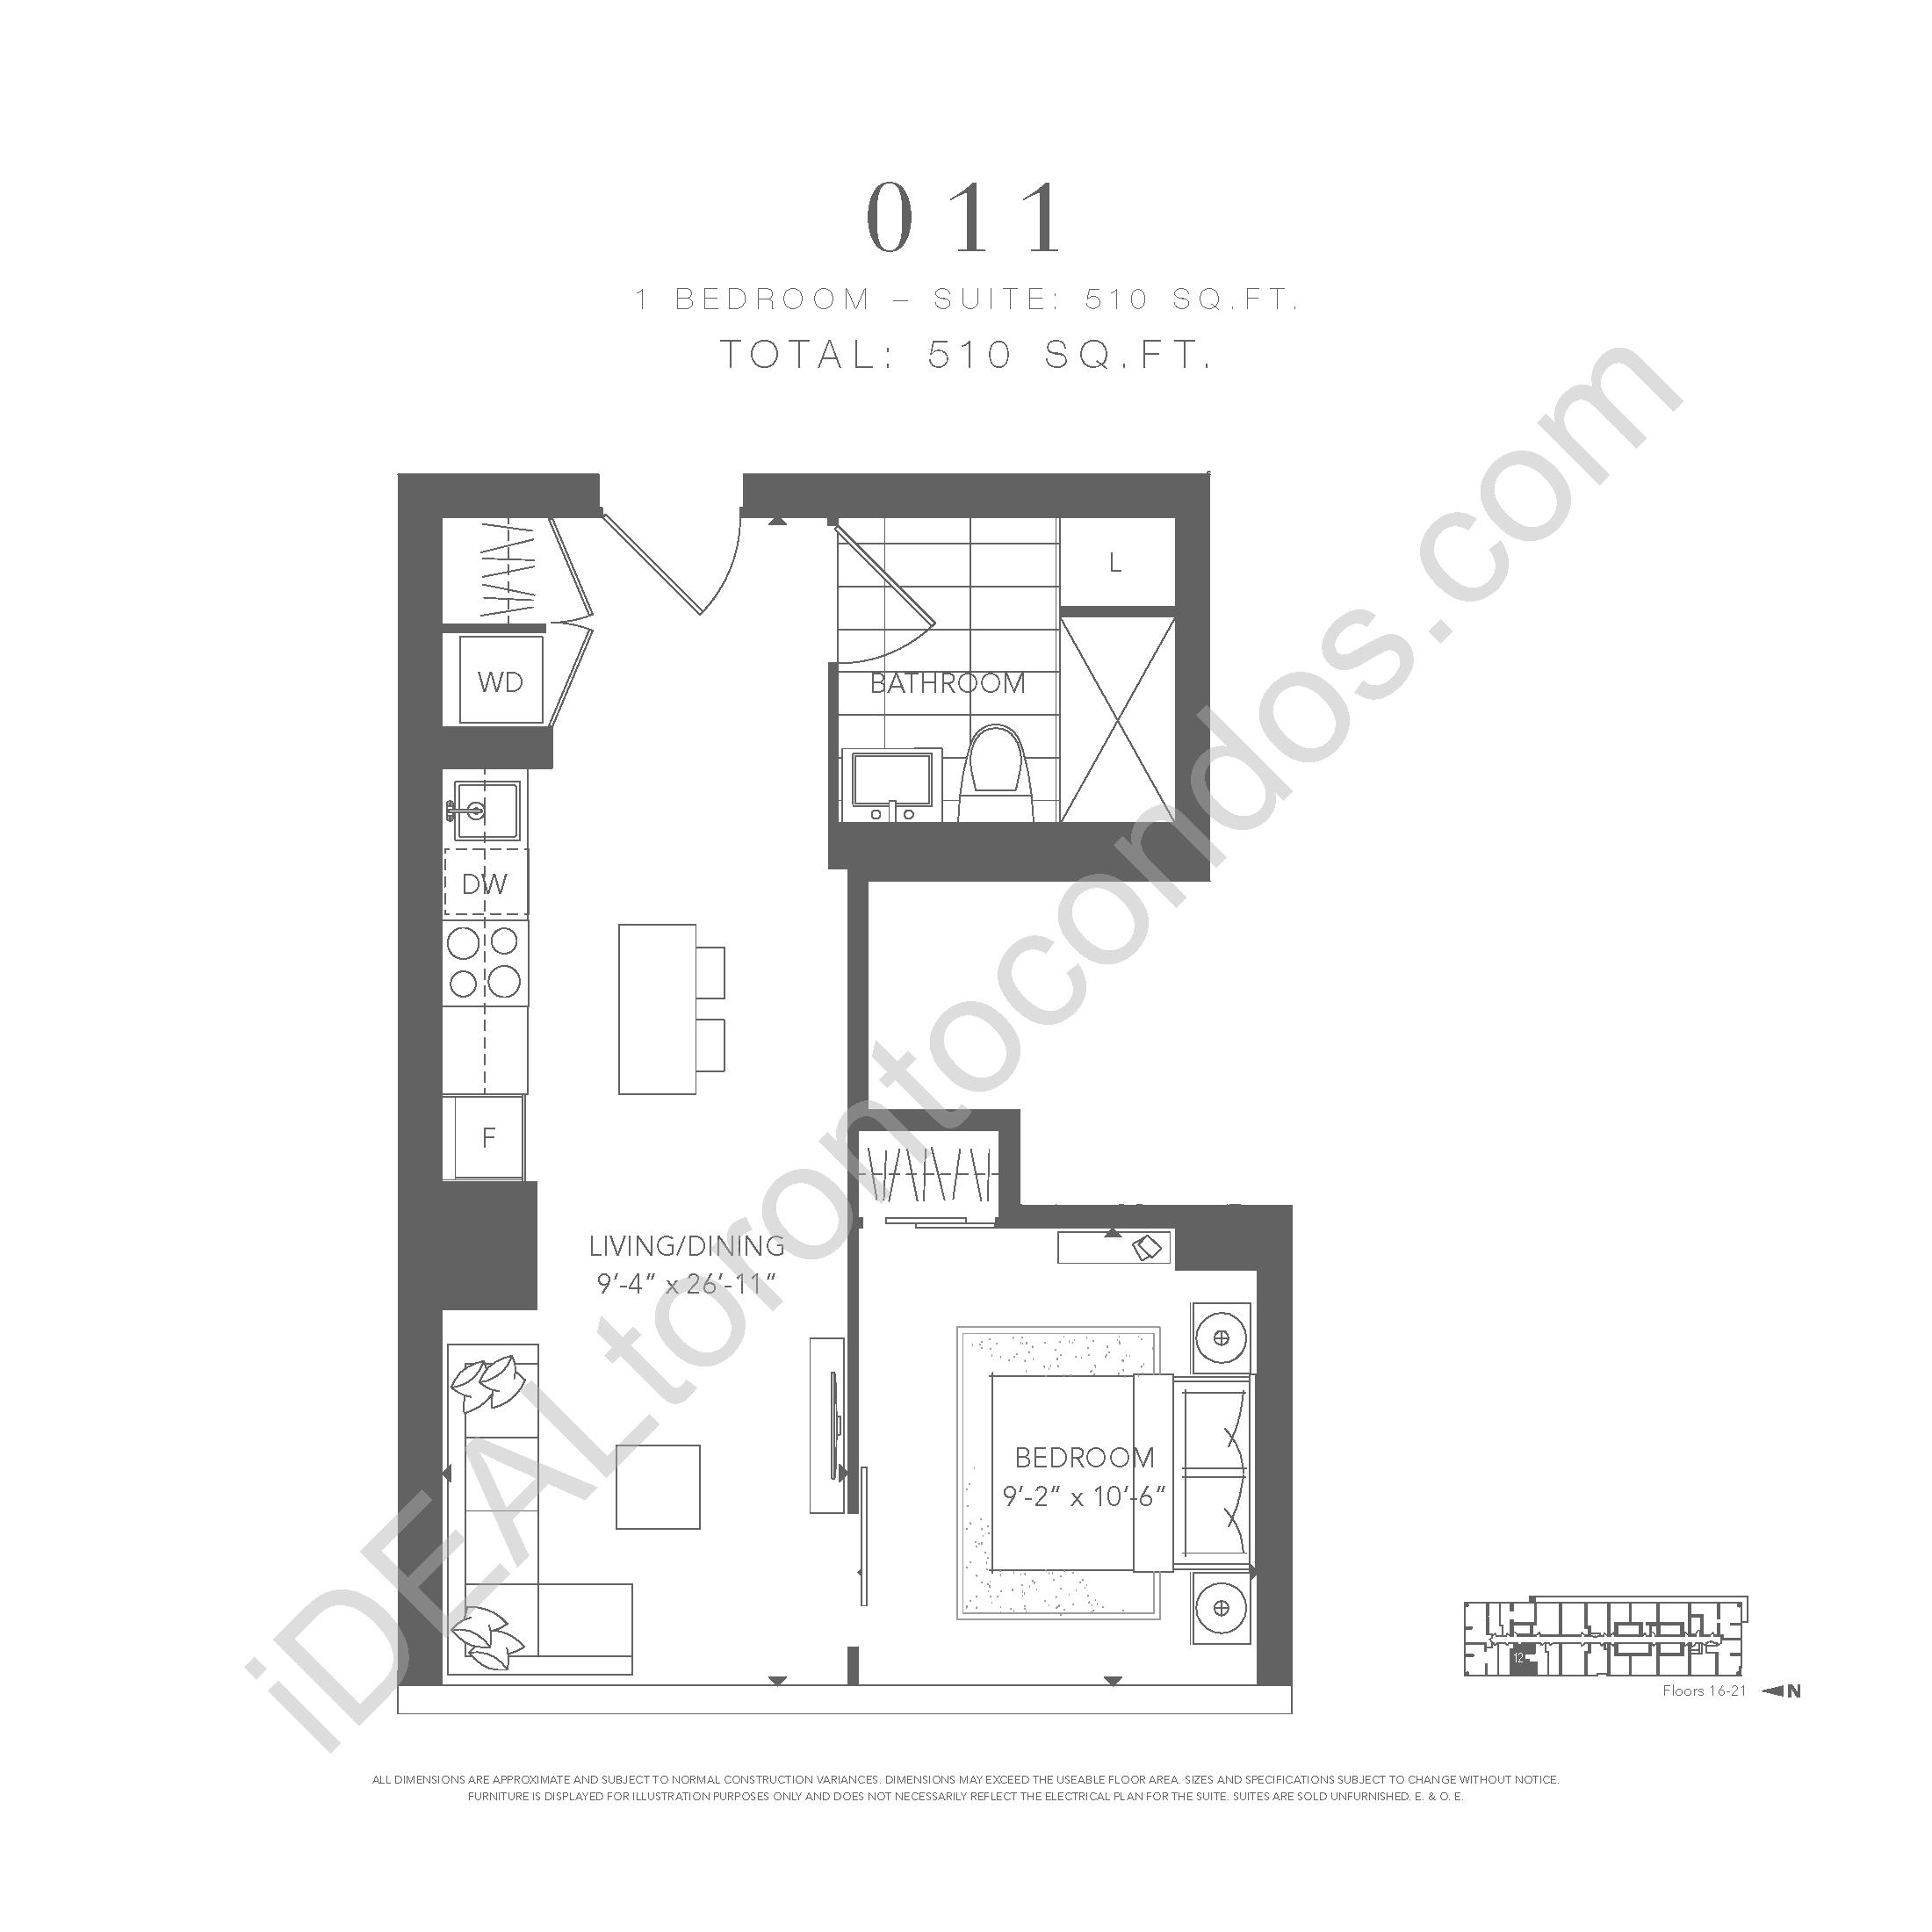 1 bedroom 011